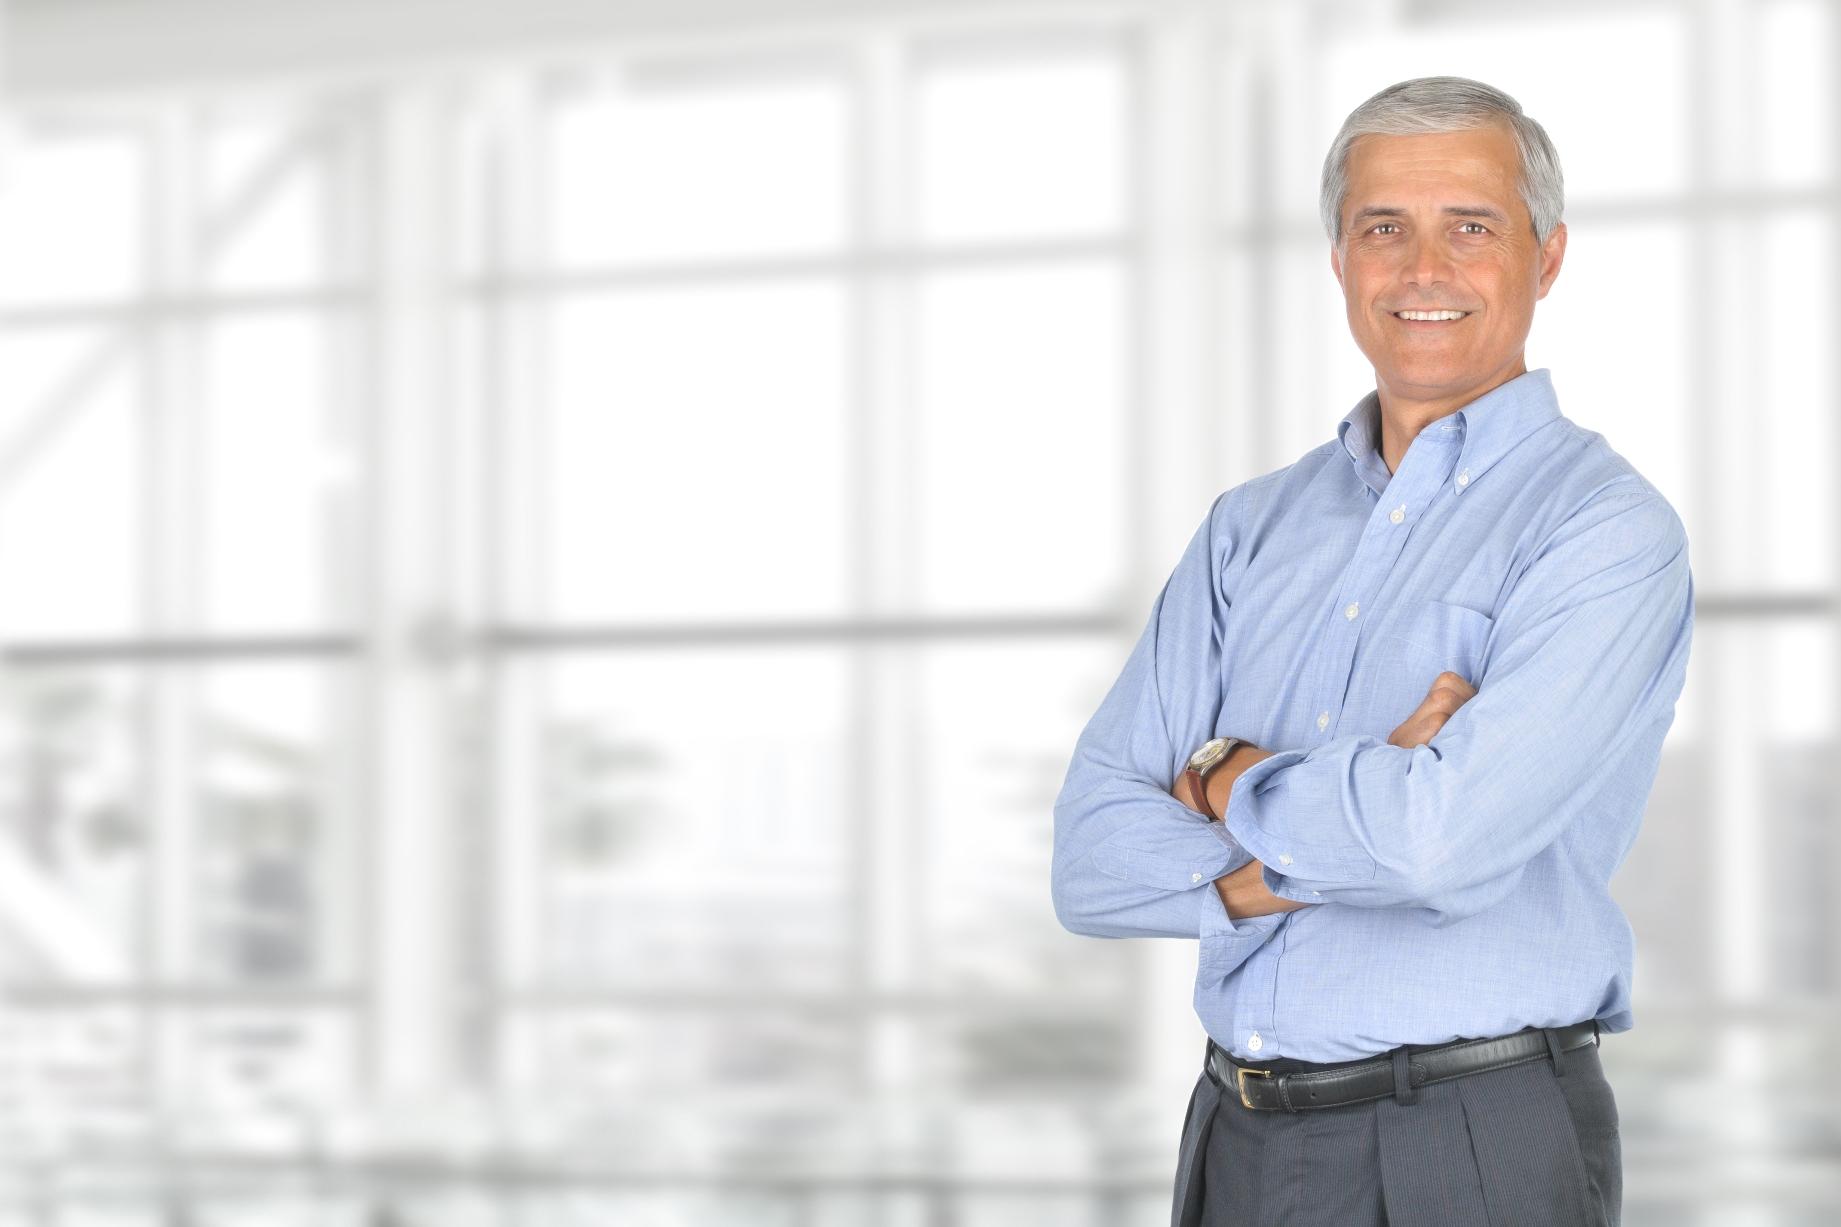 【経理】ミドル層の転職に必要なものは何ですか?